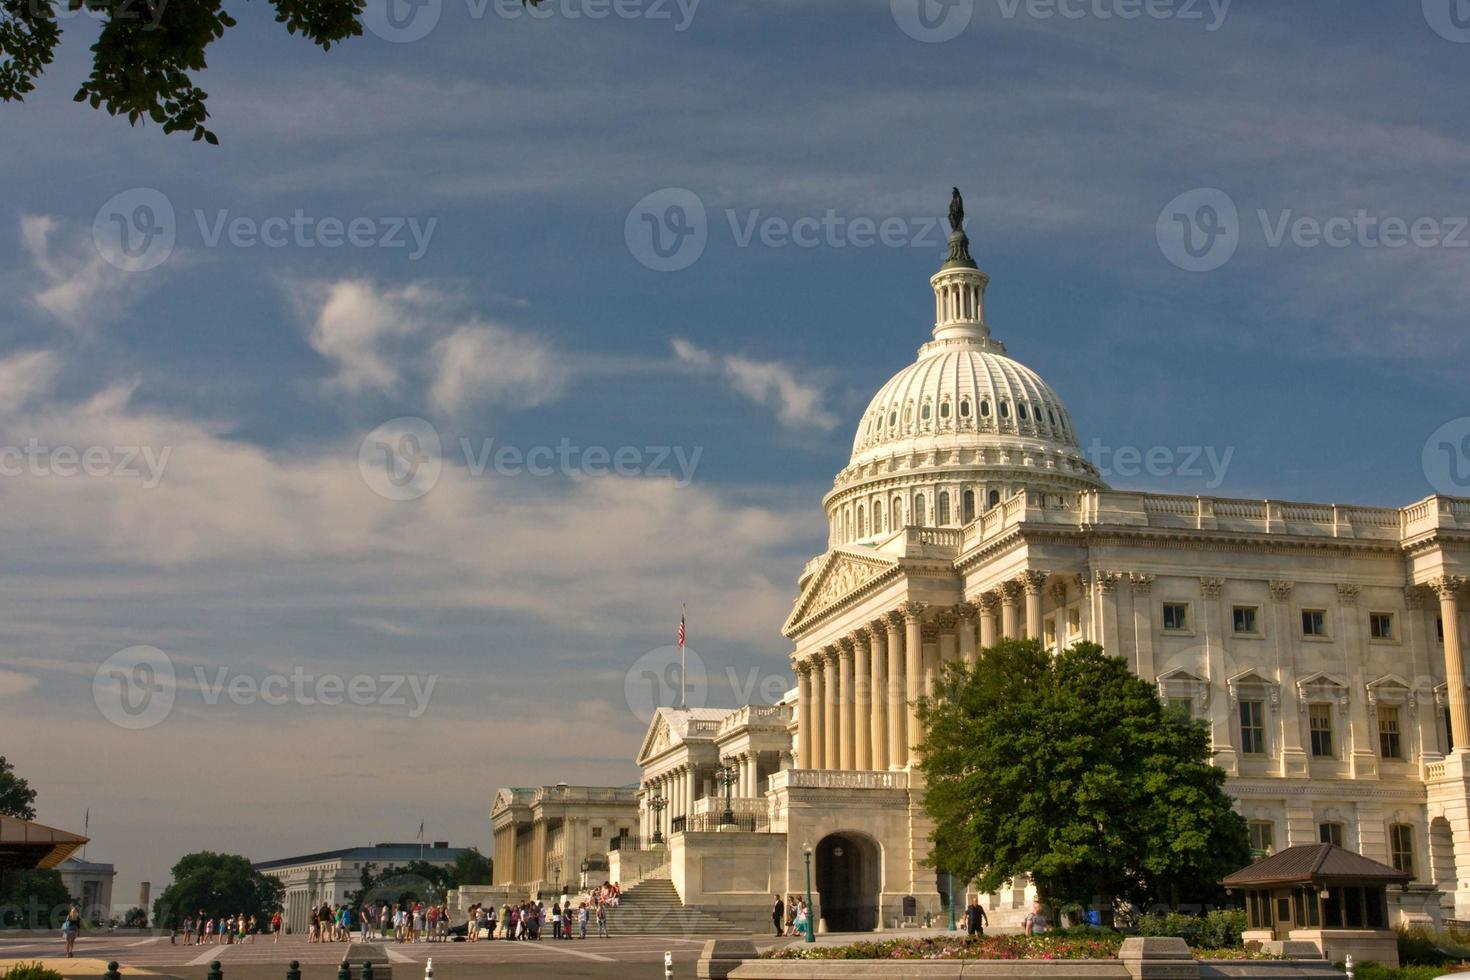 stati uniti d'america - distretto di columbia - washington, capitale degli stati uniti foto